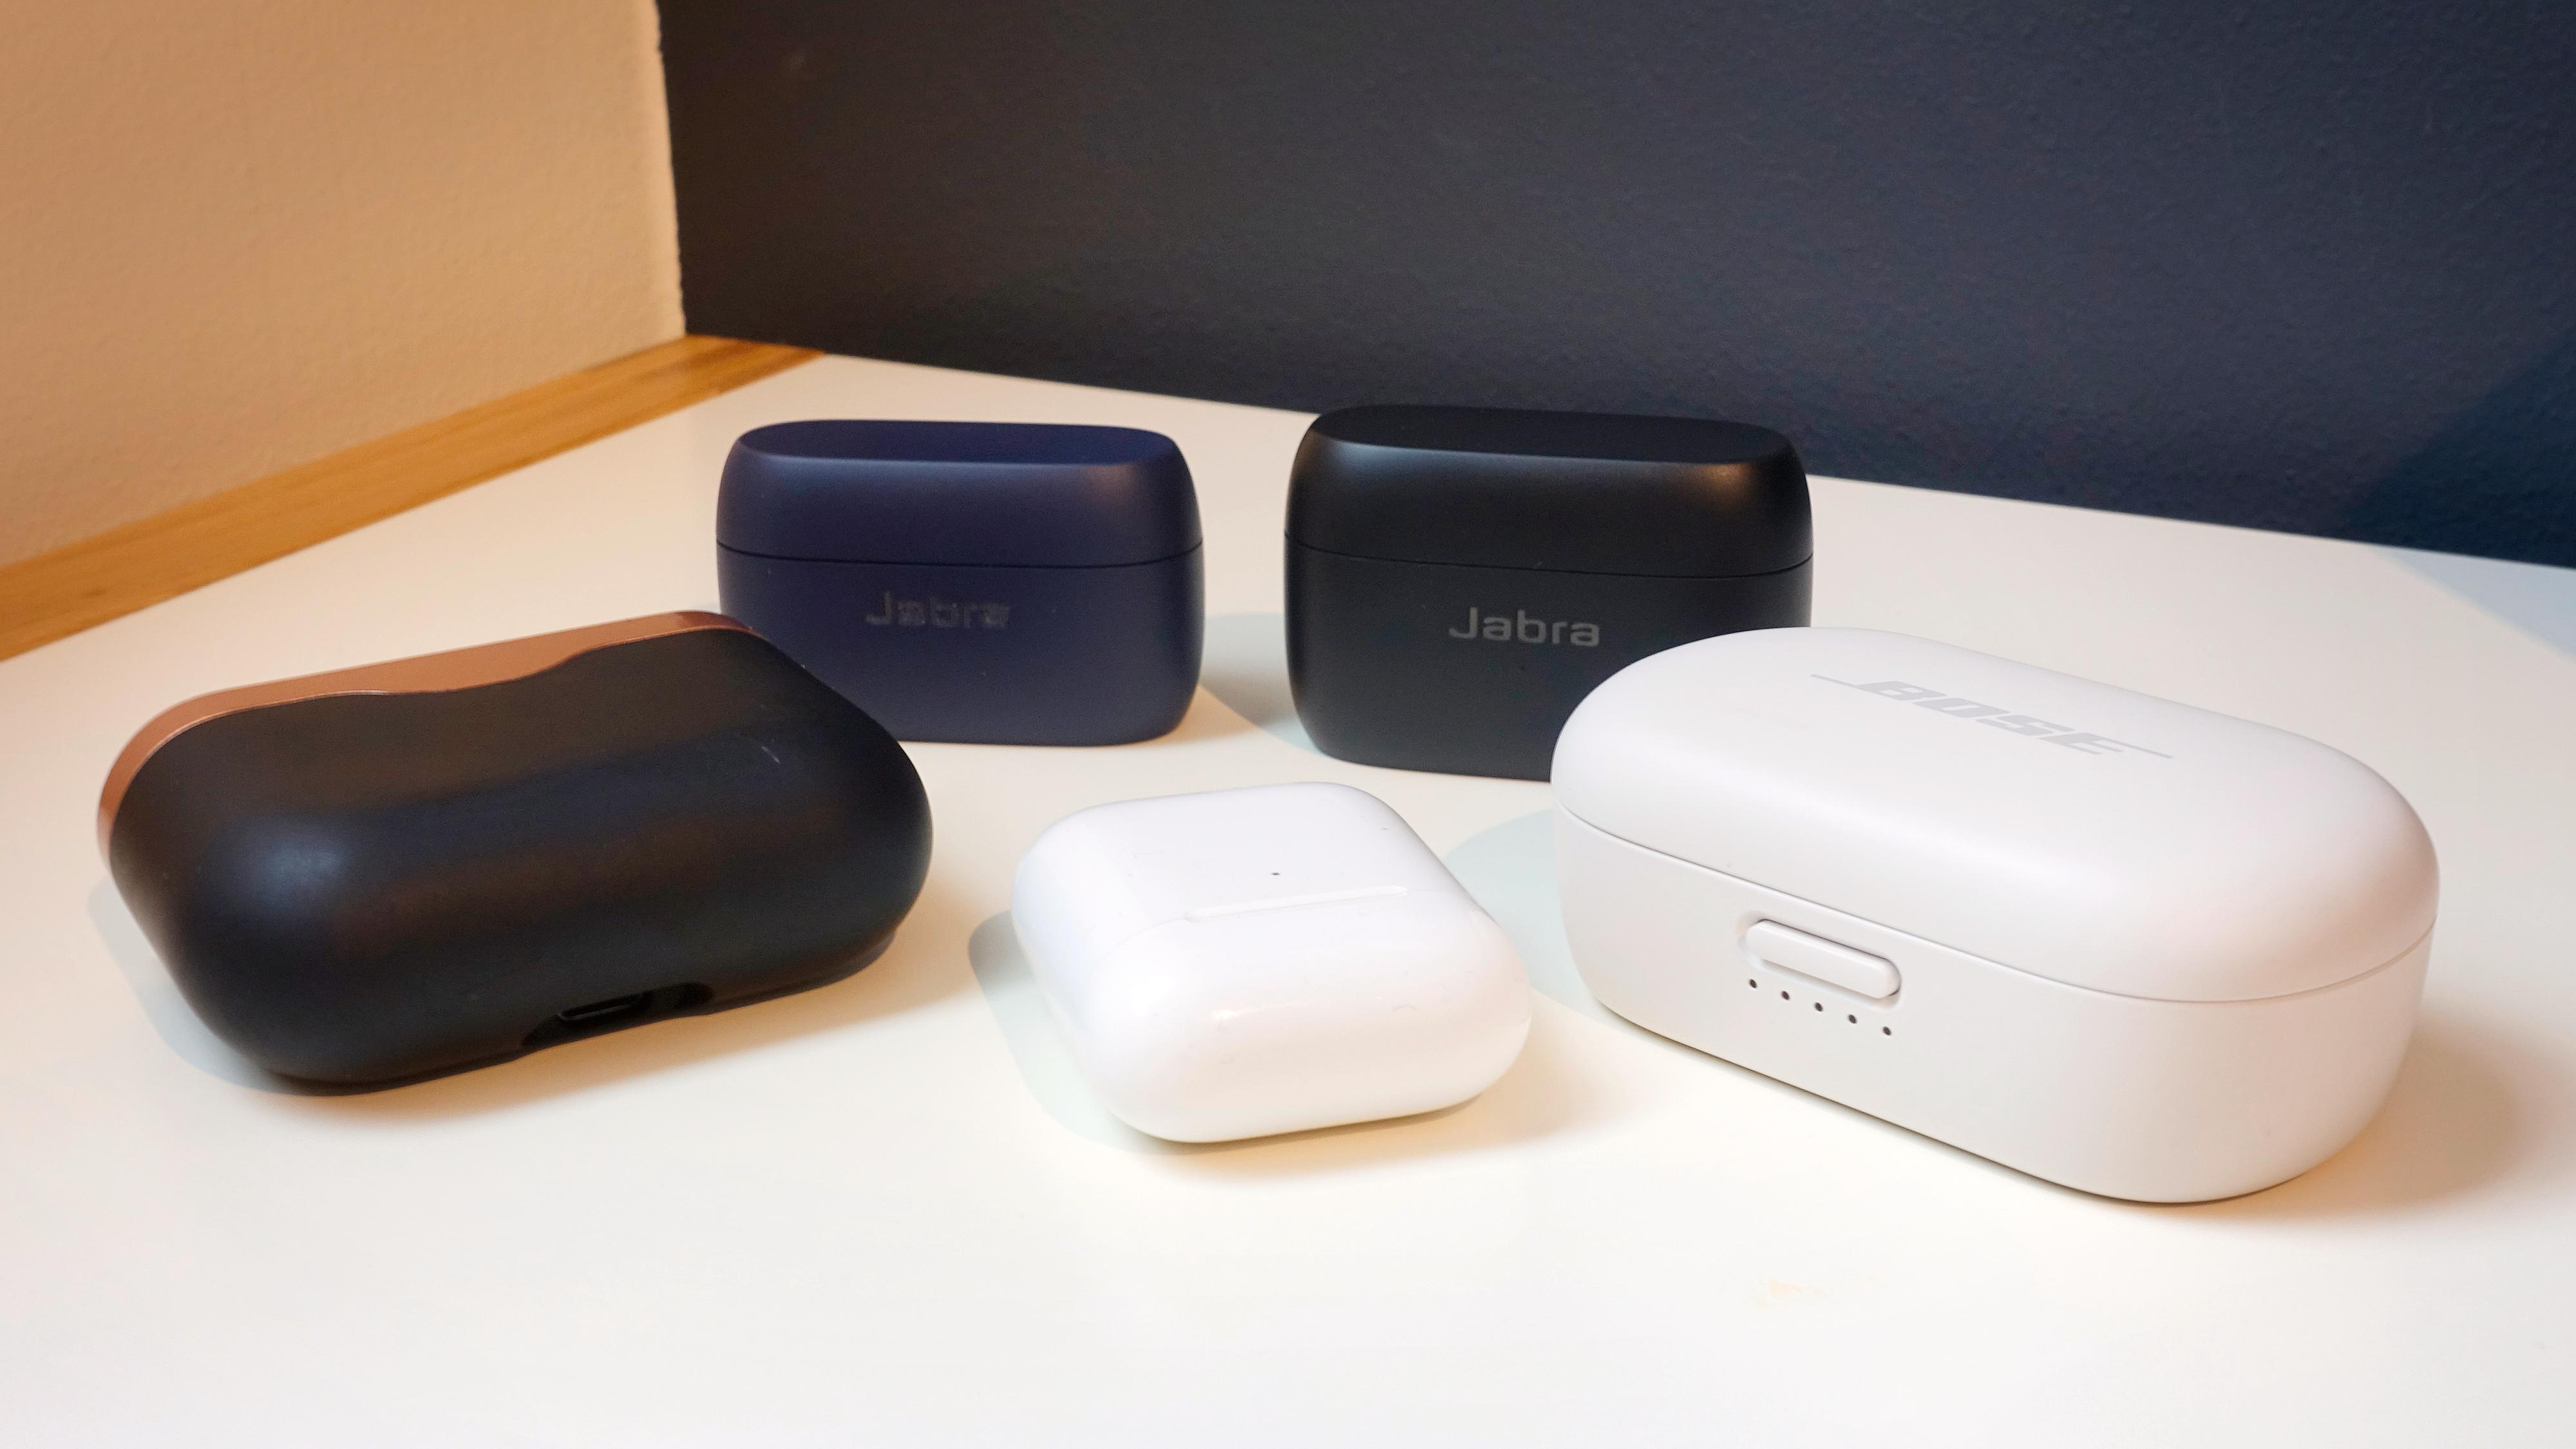 Selv om etuiet har vokst noe på 85t, er Jabras etuier for ganske kompakte å regne. Her sammen med Sony WF-1000XM3 (foran til venstre), Apples Airpods og Bose QC Earbuds.